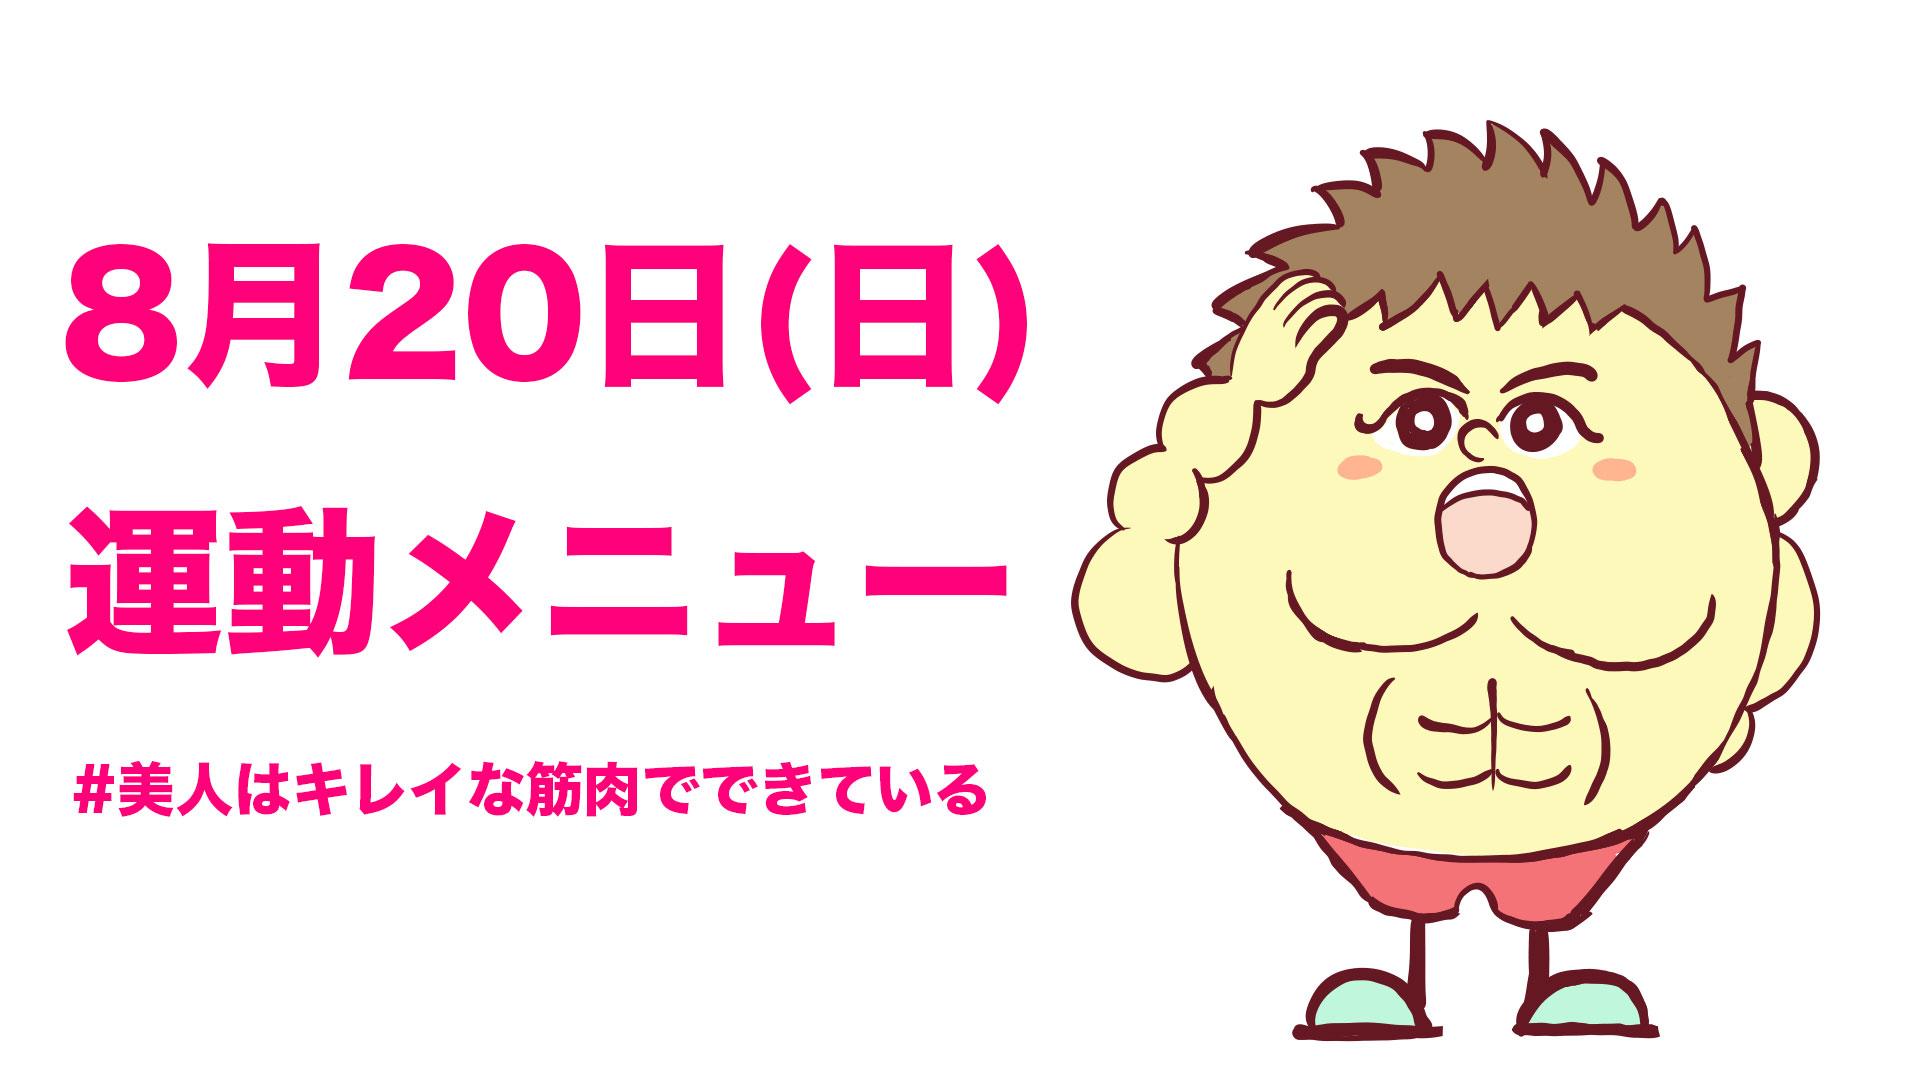 8/20の運動メニュー!